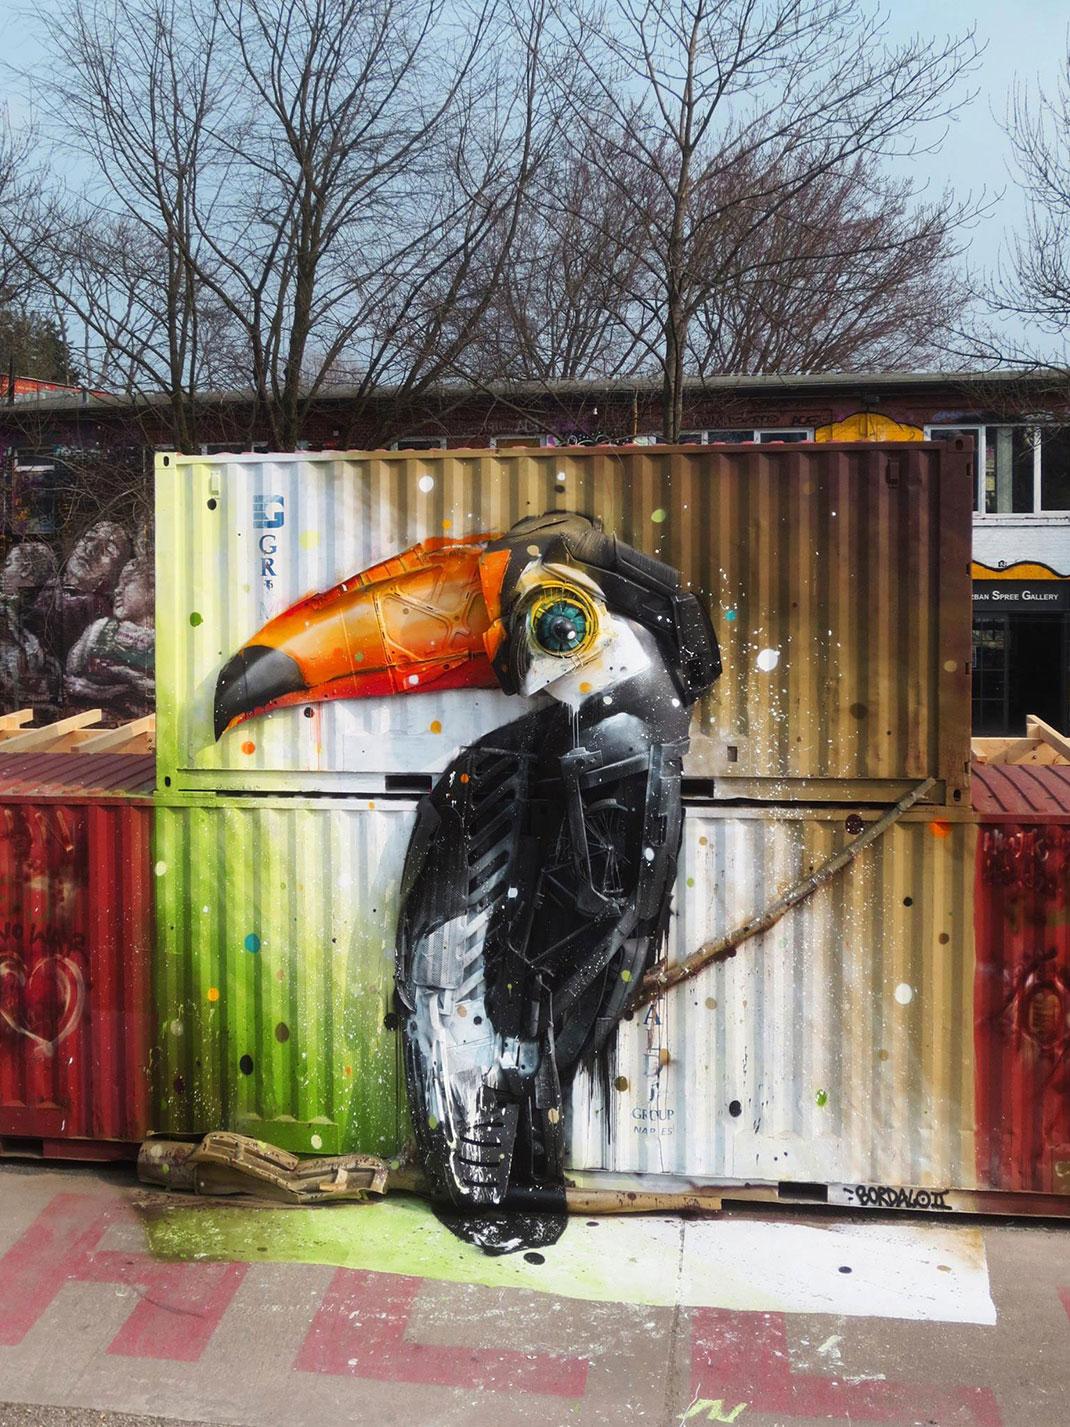 streetart-bordelo-recycle-1